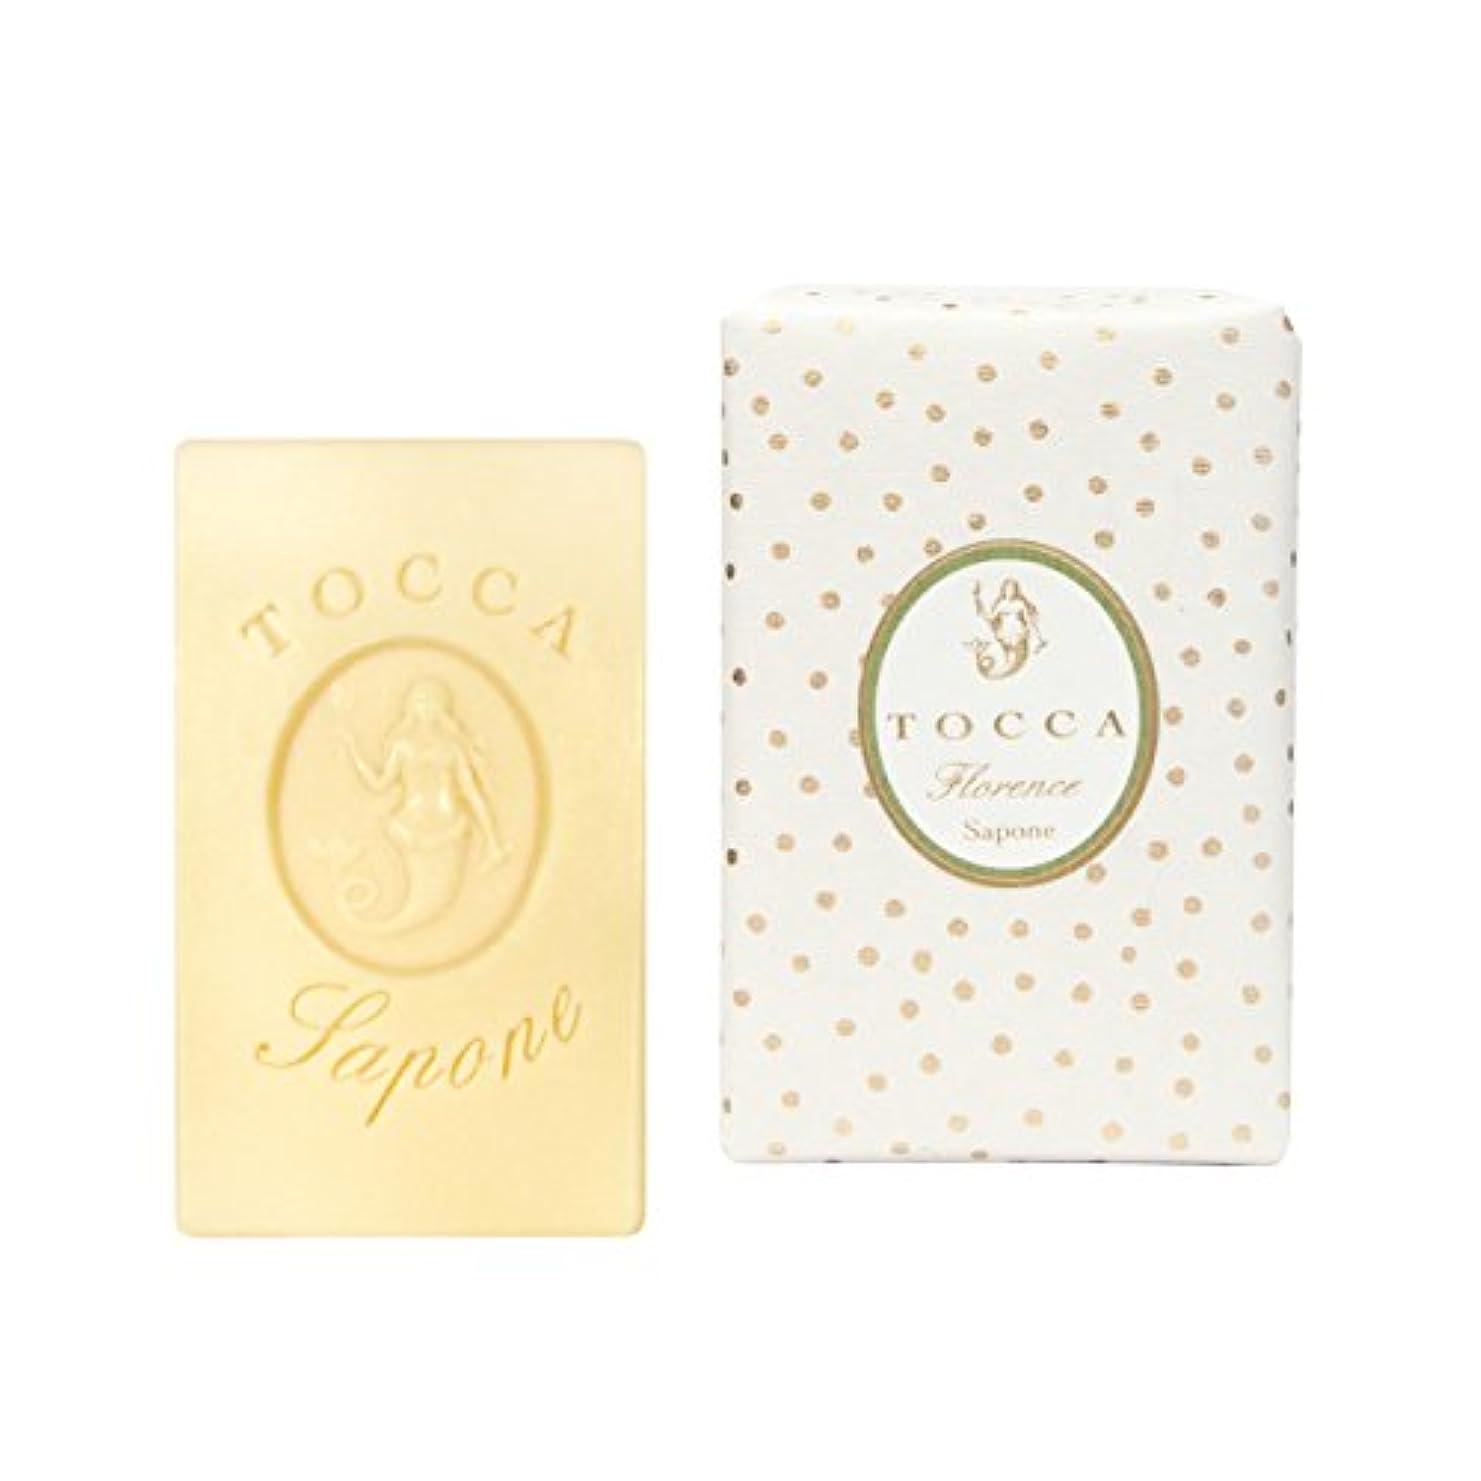 人道的勧める社会トッカ(TOCCA) ソープバーフローレンスの香り 113g(石けん 化粧石けん ガーデニアとベルガモットが誘うように溶け合うどこまでも上品なフローラルの香り)